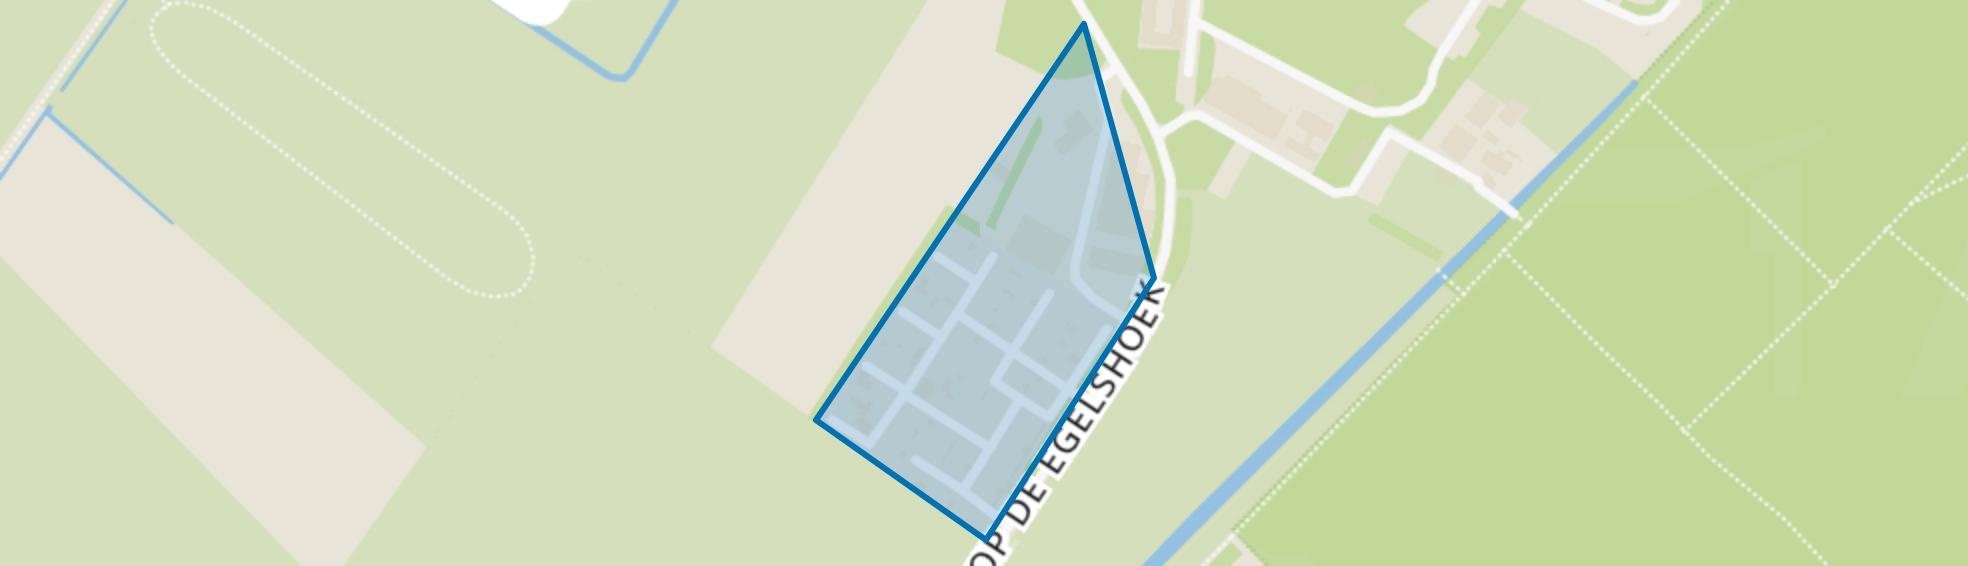 Egelshoek, Hilversum map